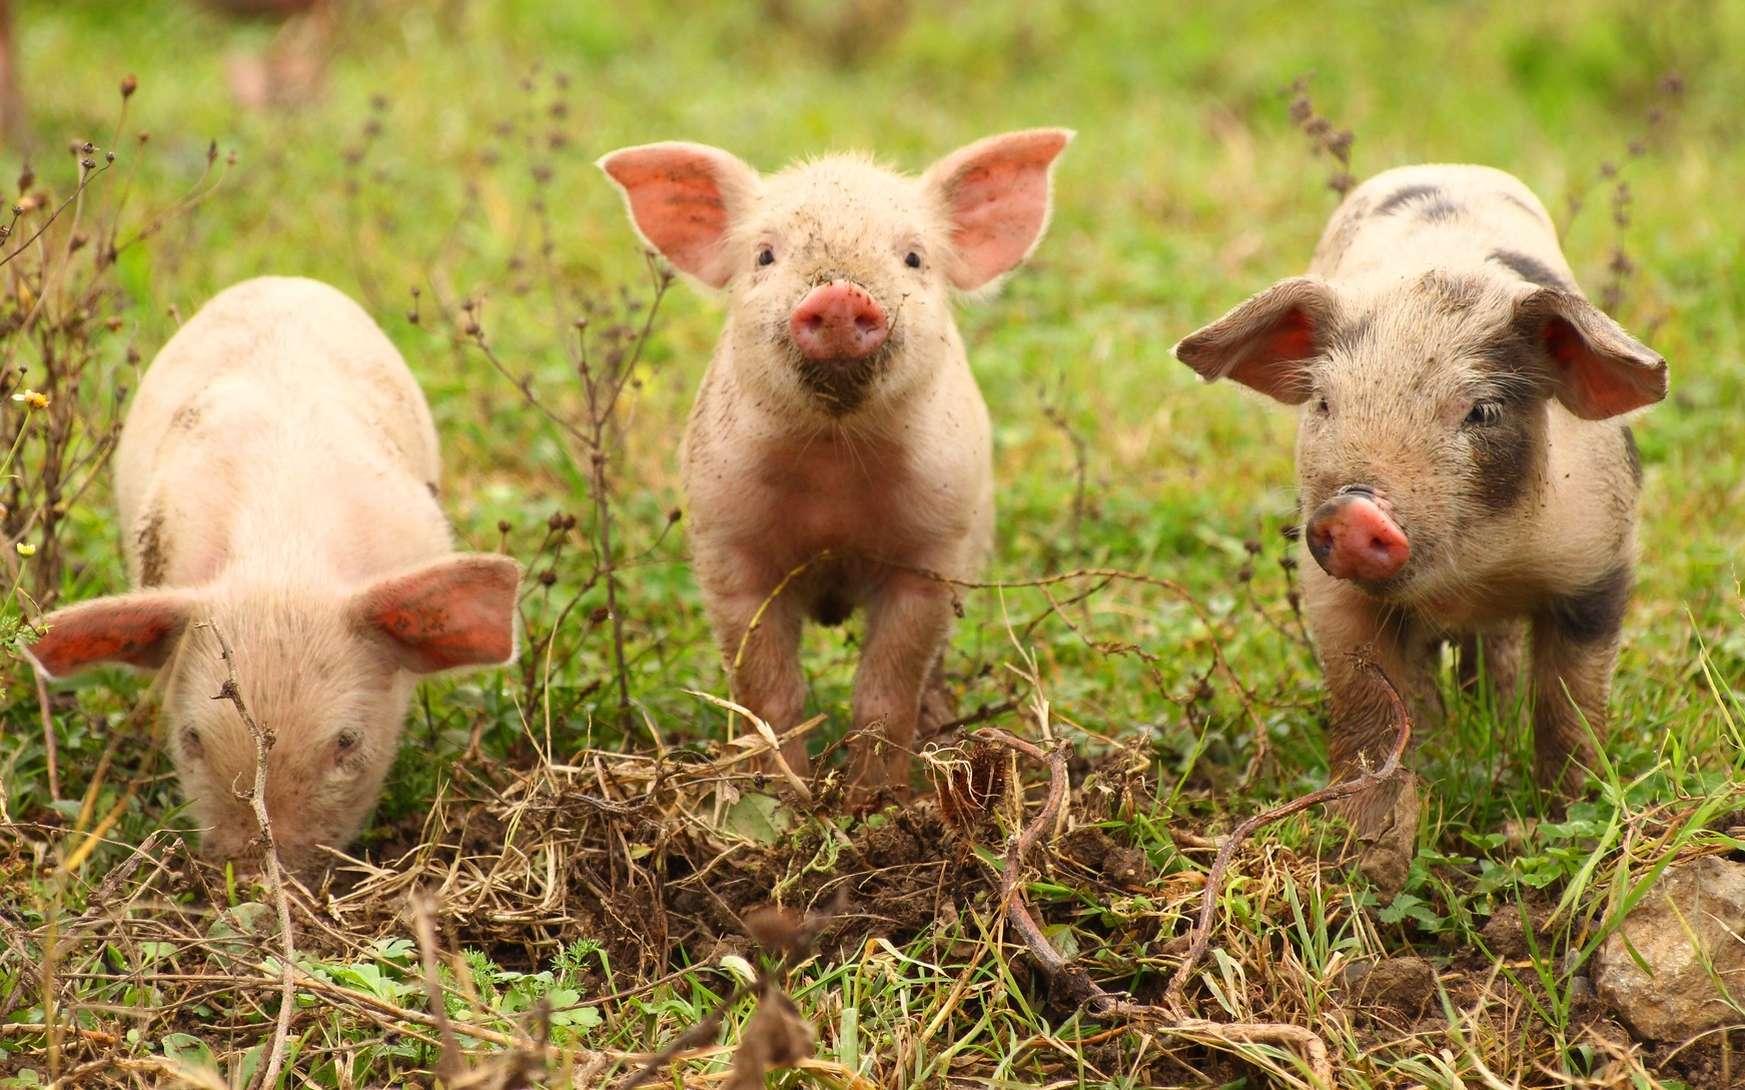 Tout est bon dans le cochon, même les organes pour des greffes. © gudrin, Fotolia